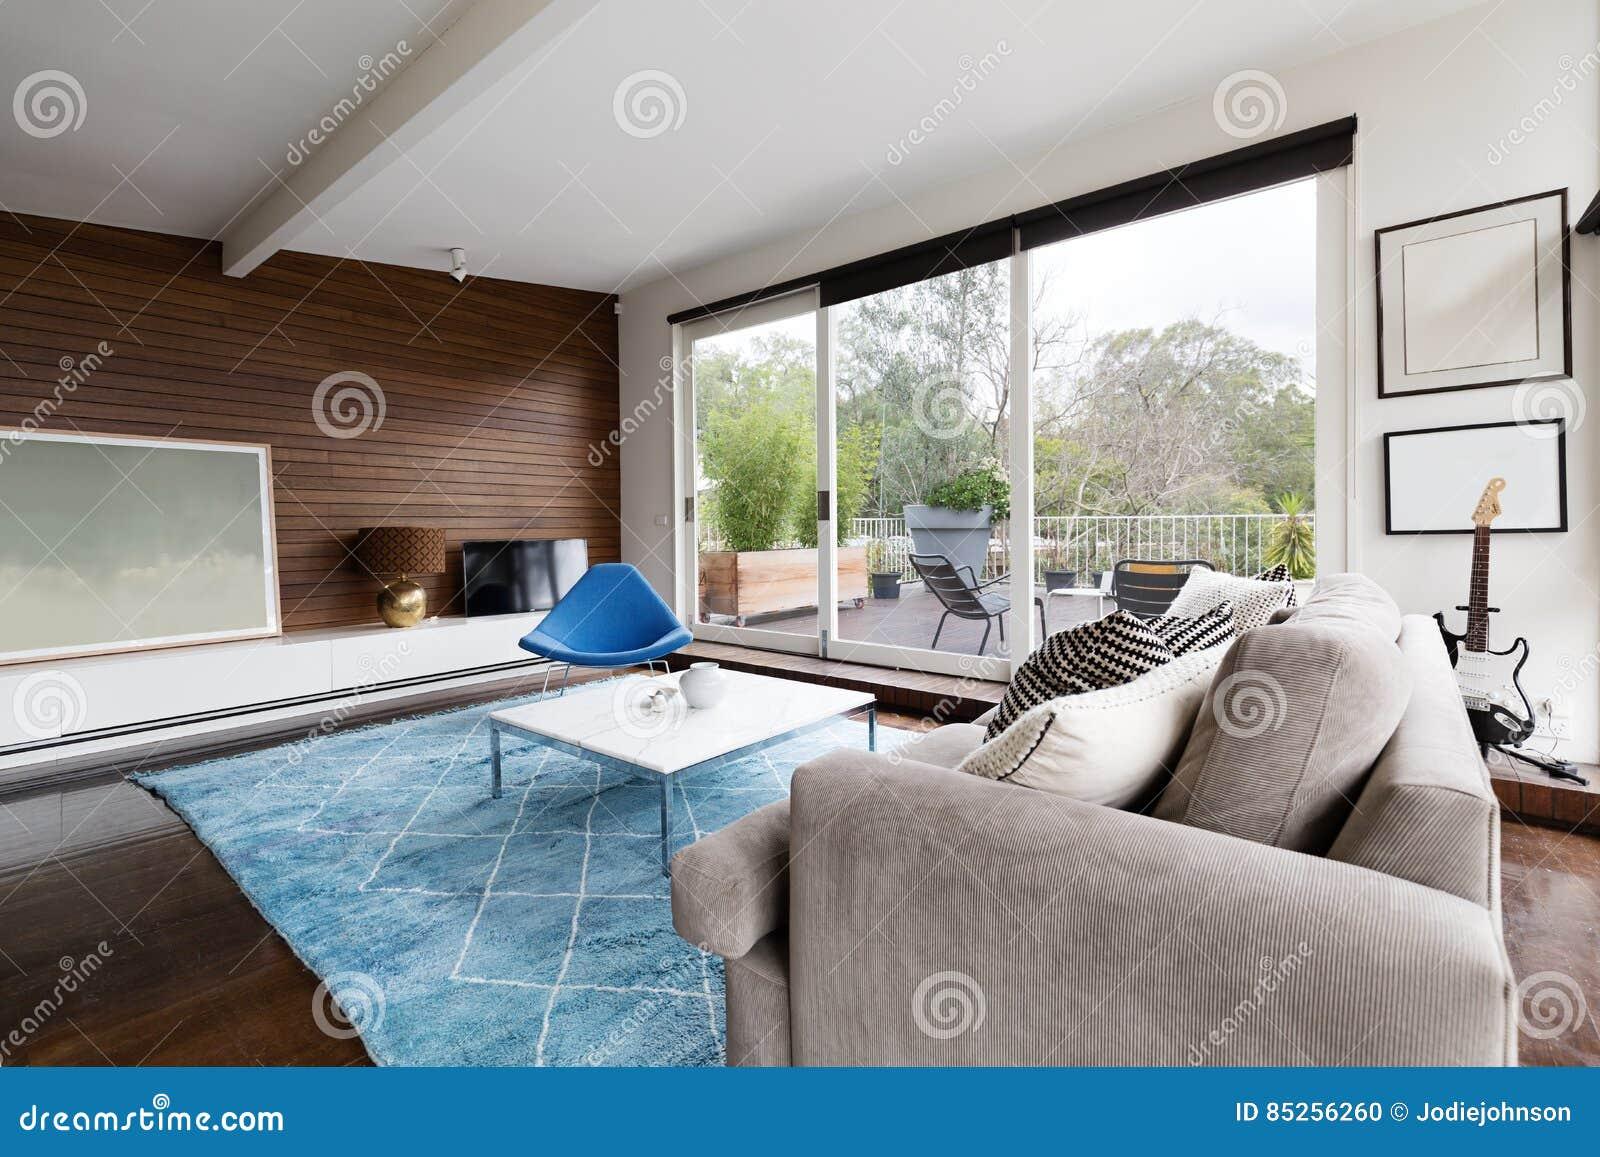 Incroyable Salon Australien Moderne De La Moitié Du Siècle Fraîche Avec Des  Perspectives à La Terrasse